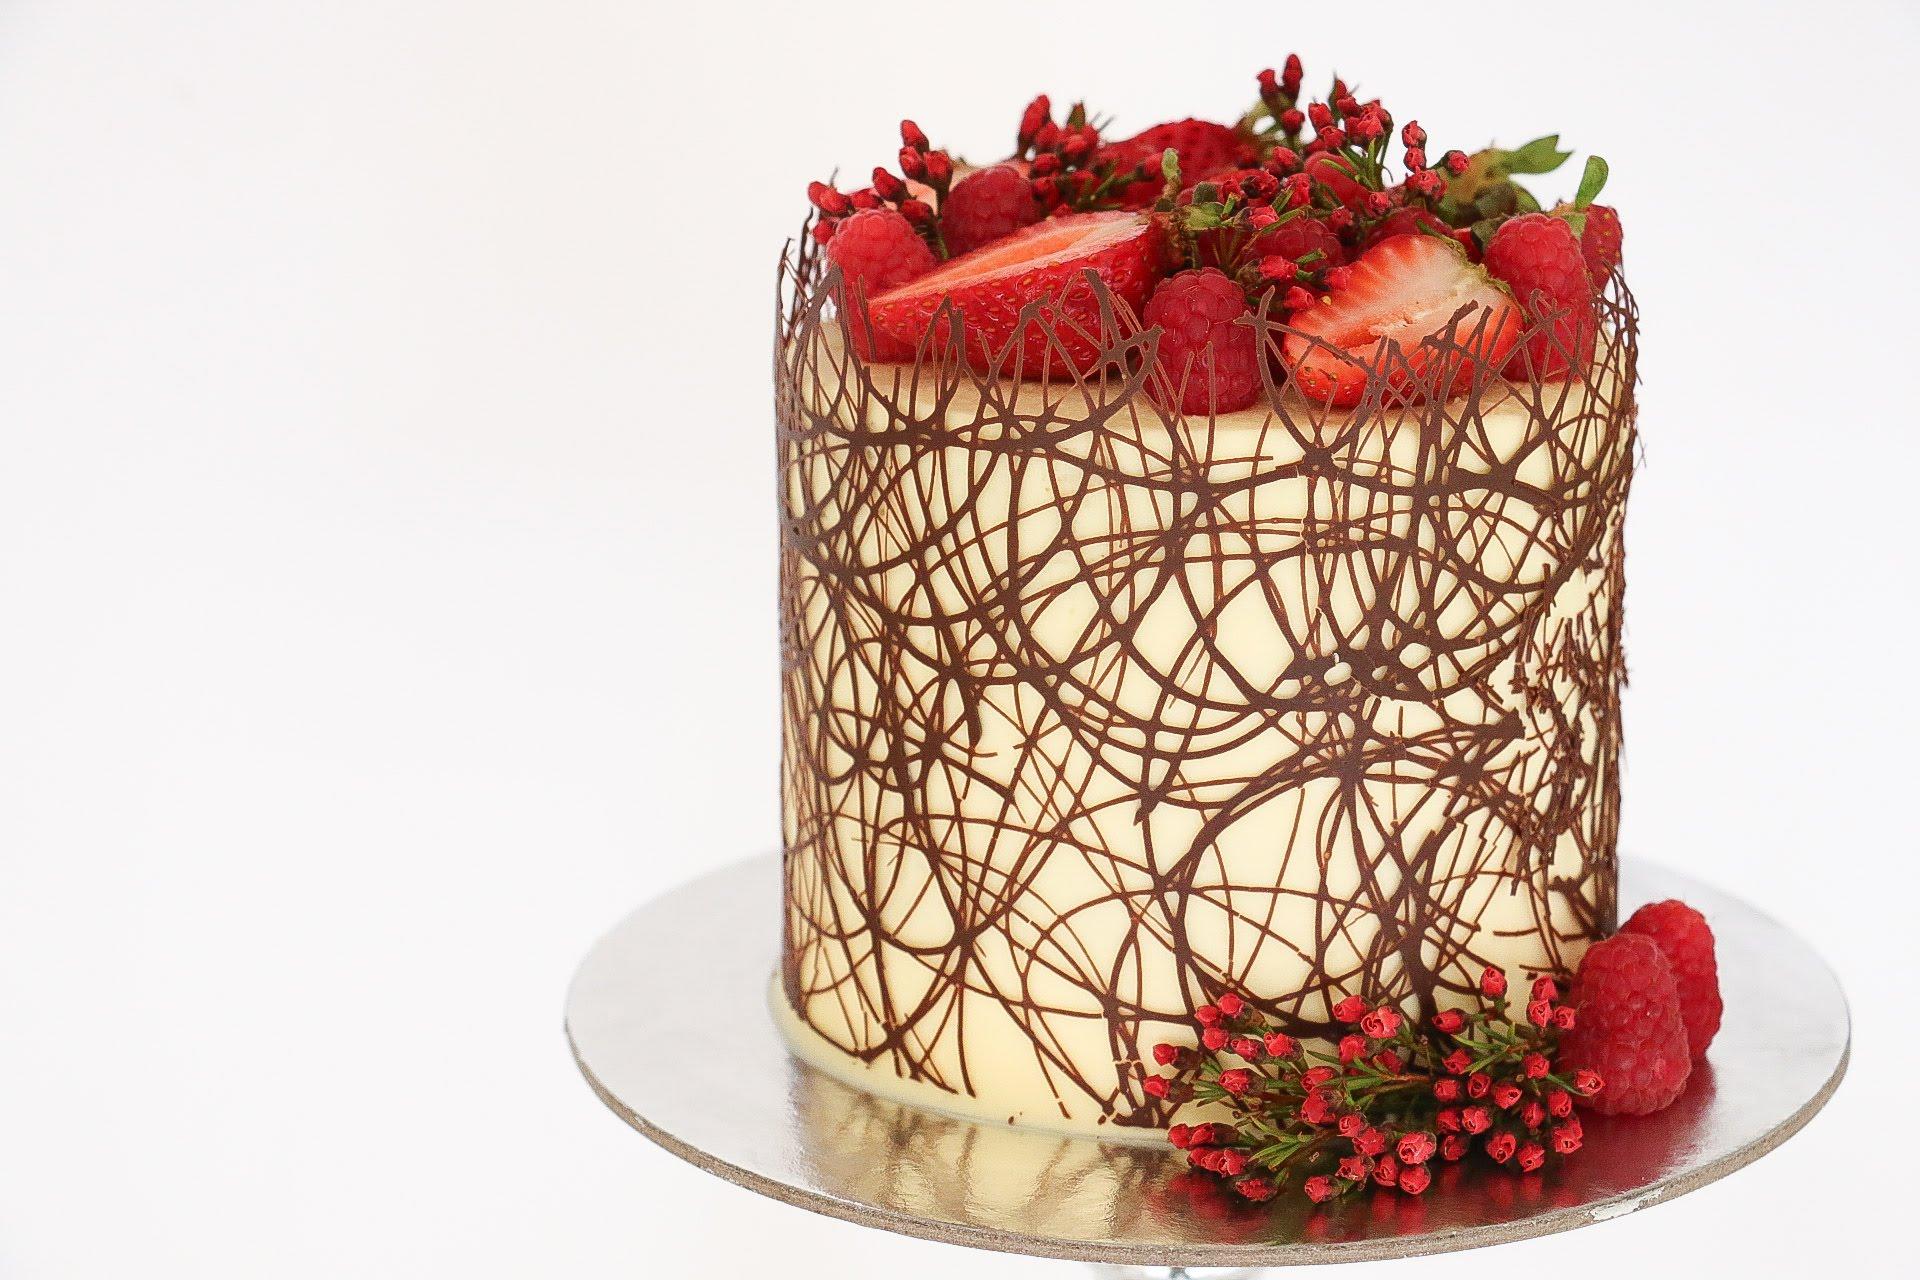 Melting Chocolate Gold Cake Gif